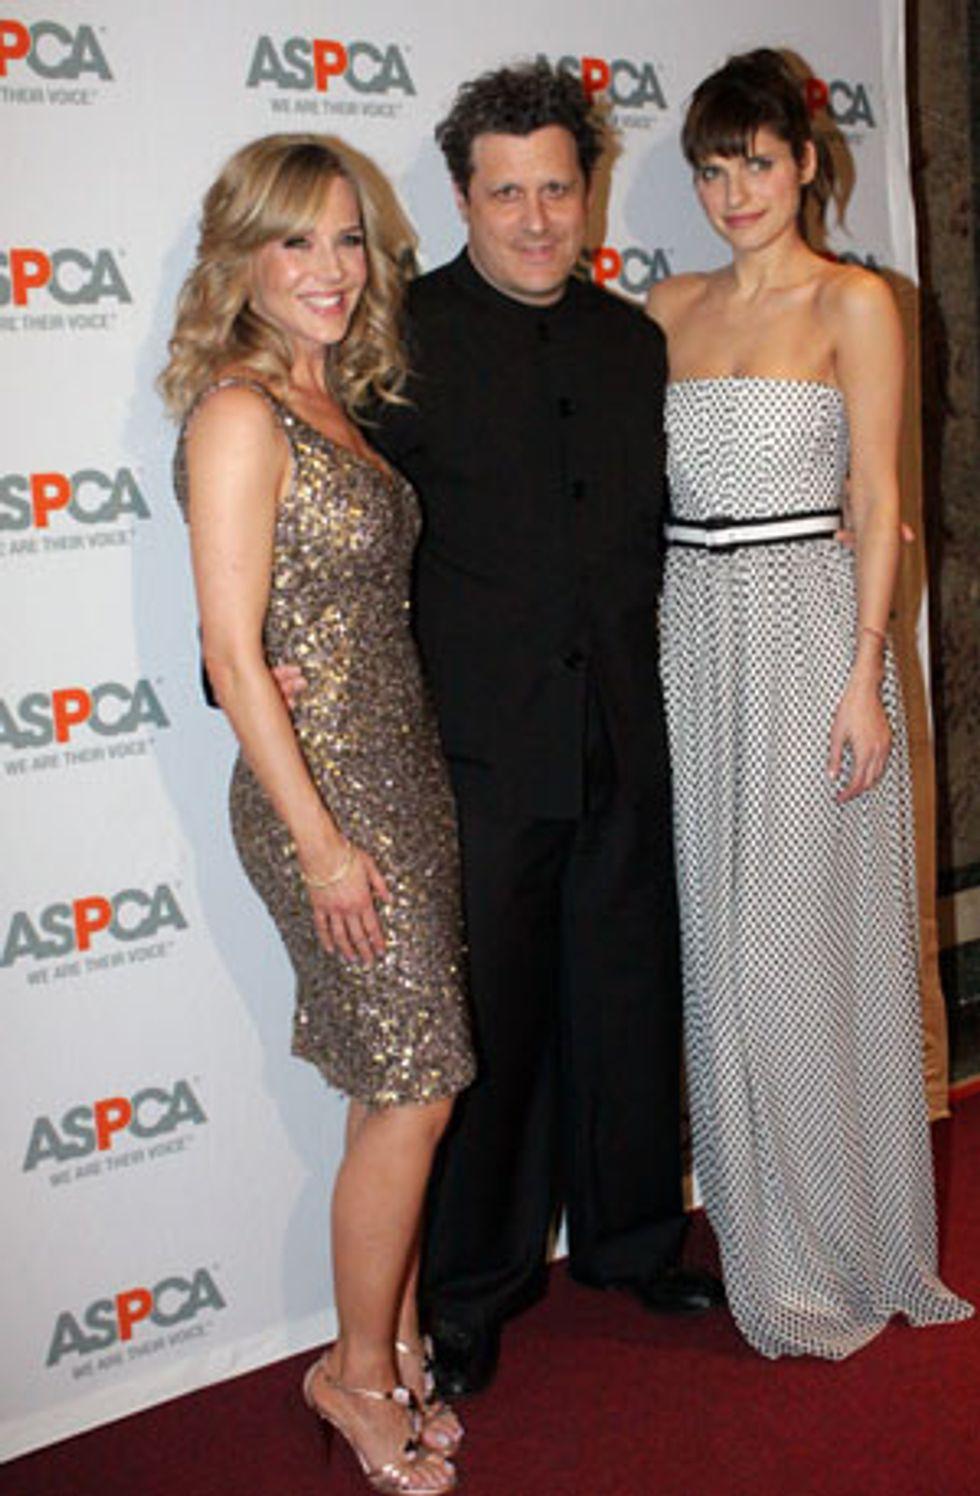 ASPCA Hosts the 14th Annual ASPCA Bergh Ball